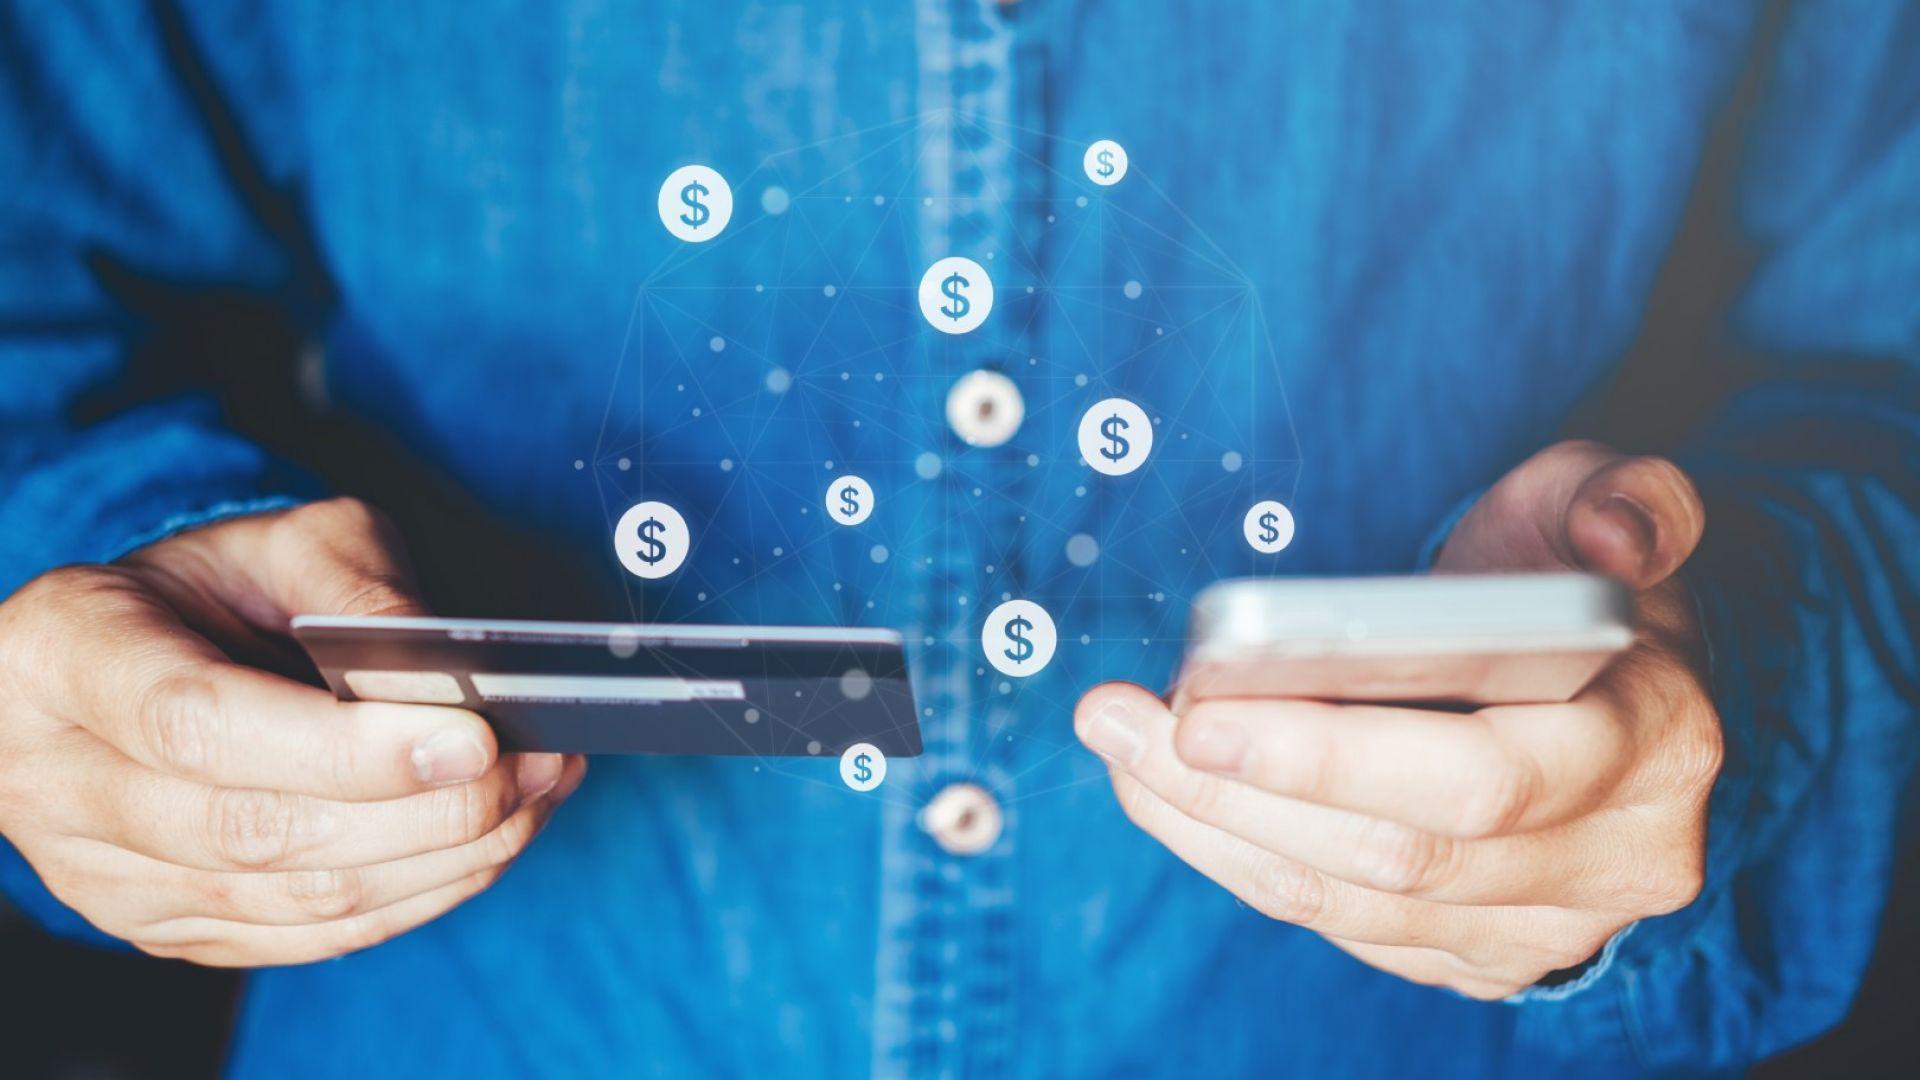 Сигурността е ключова, когато става дума за мобилно боравене с финанси и средства